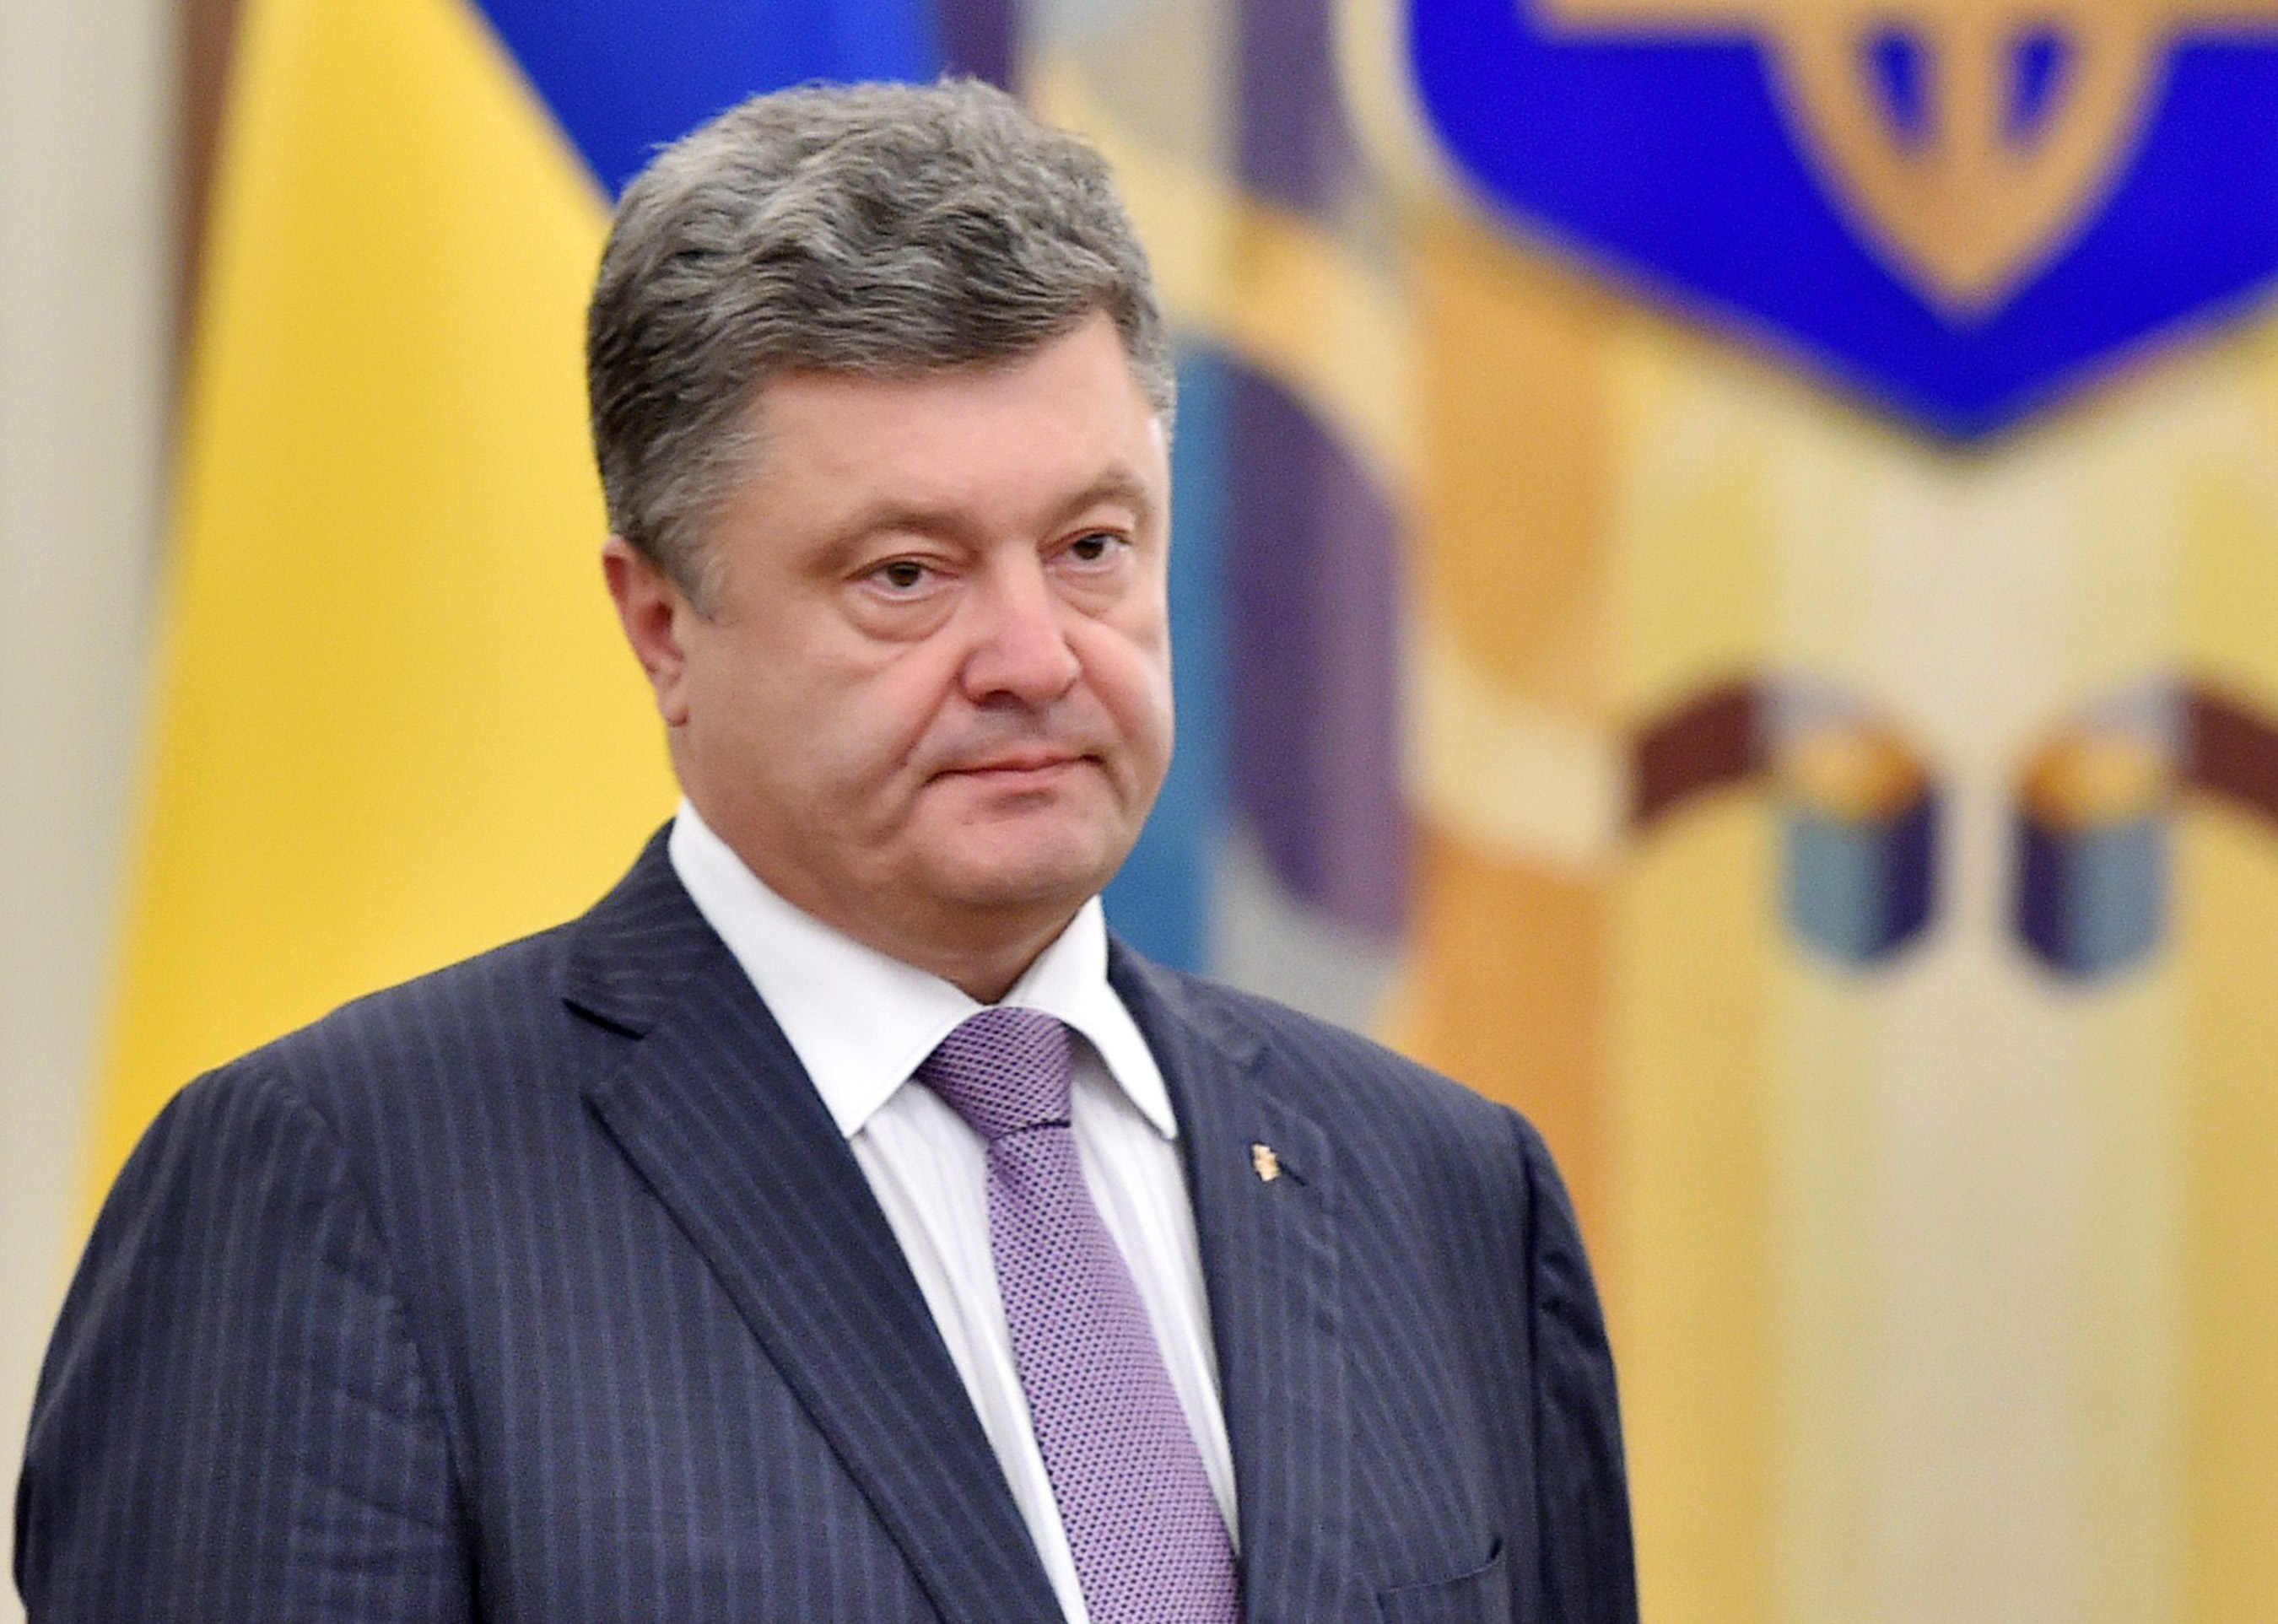 В рамках саммита НАТО состоится встреча в формате «Большая пятерка» плюс Украина», — Порошенко